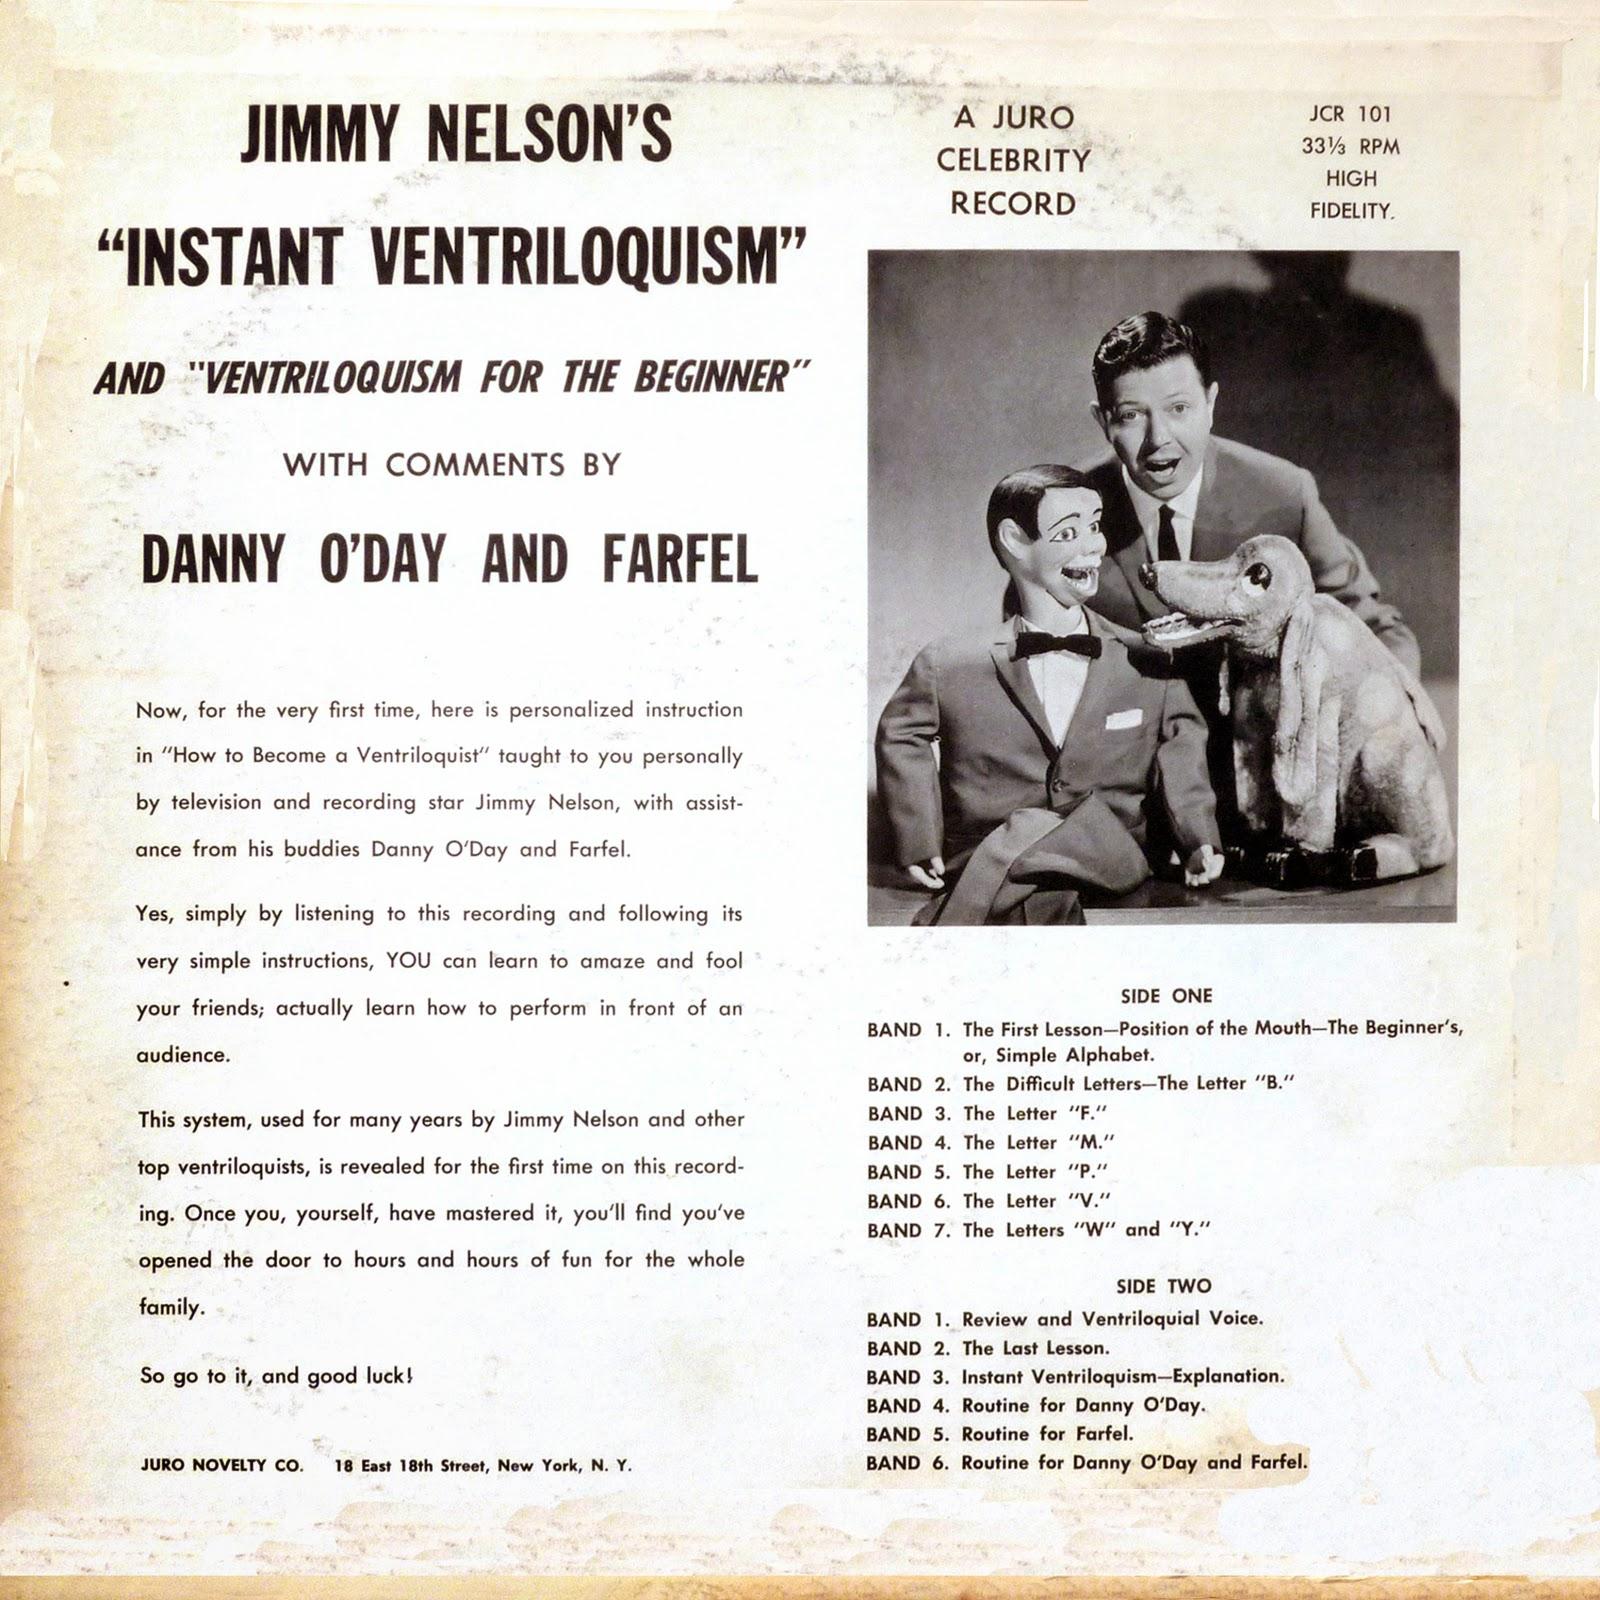 Jimmy Nelson Joke Along With Jimmy Nelson